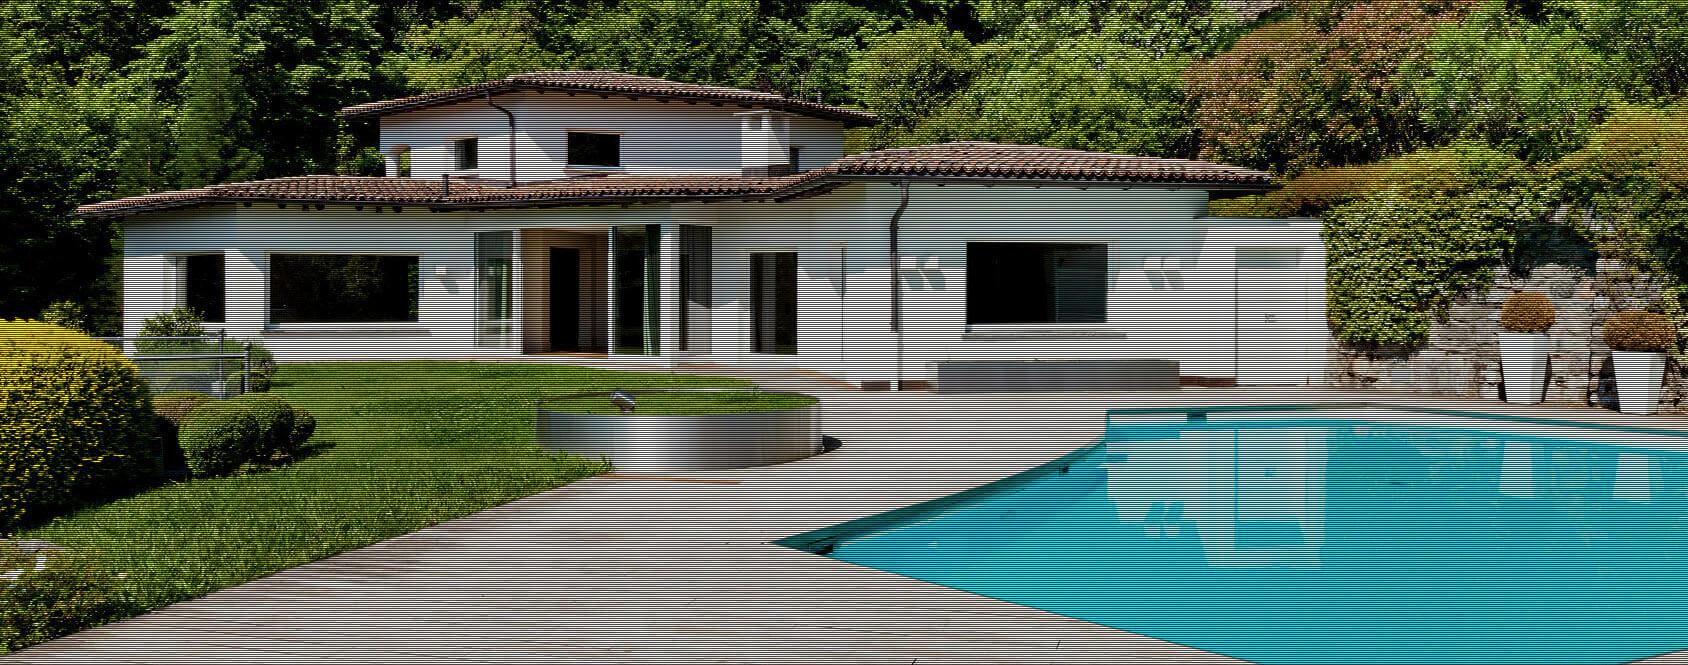 prix construction maison L'Hay-les-Roses